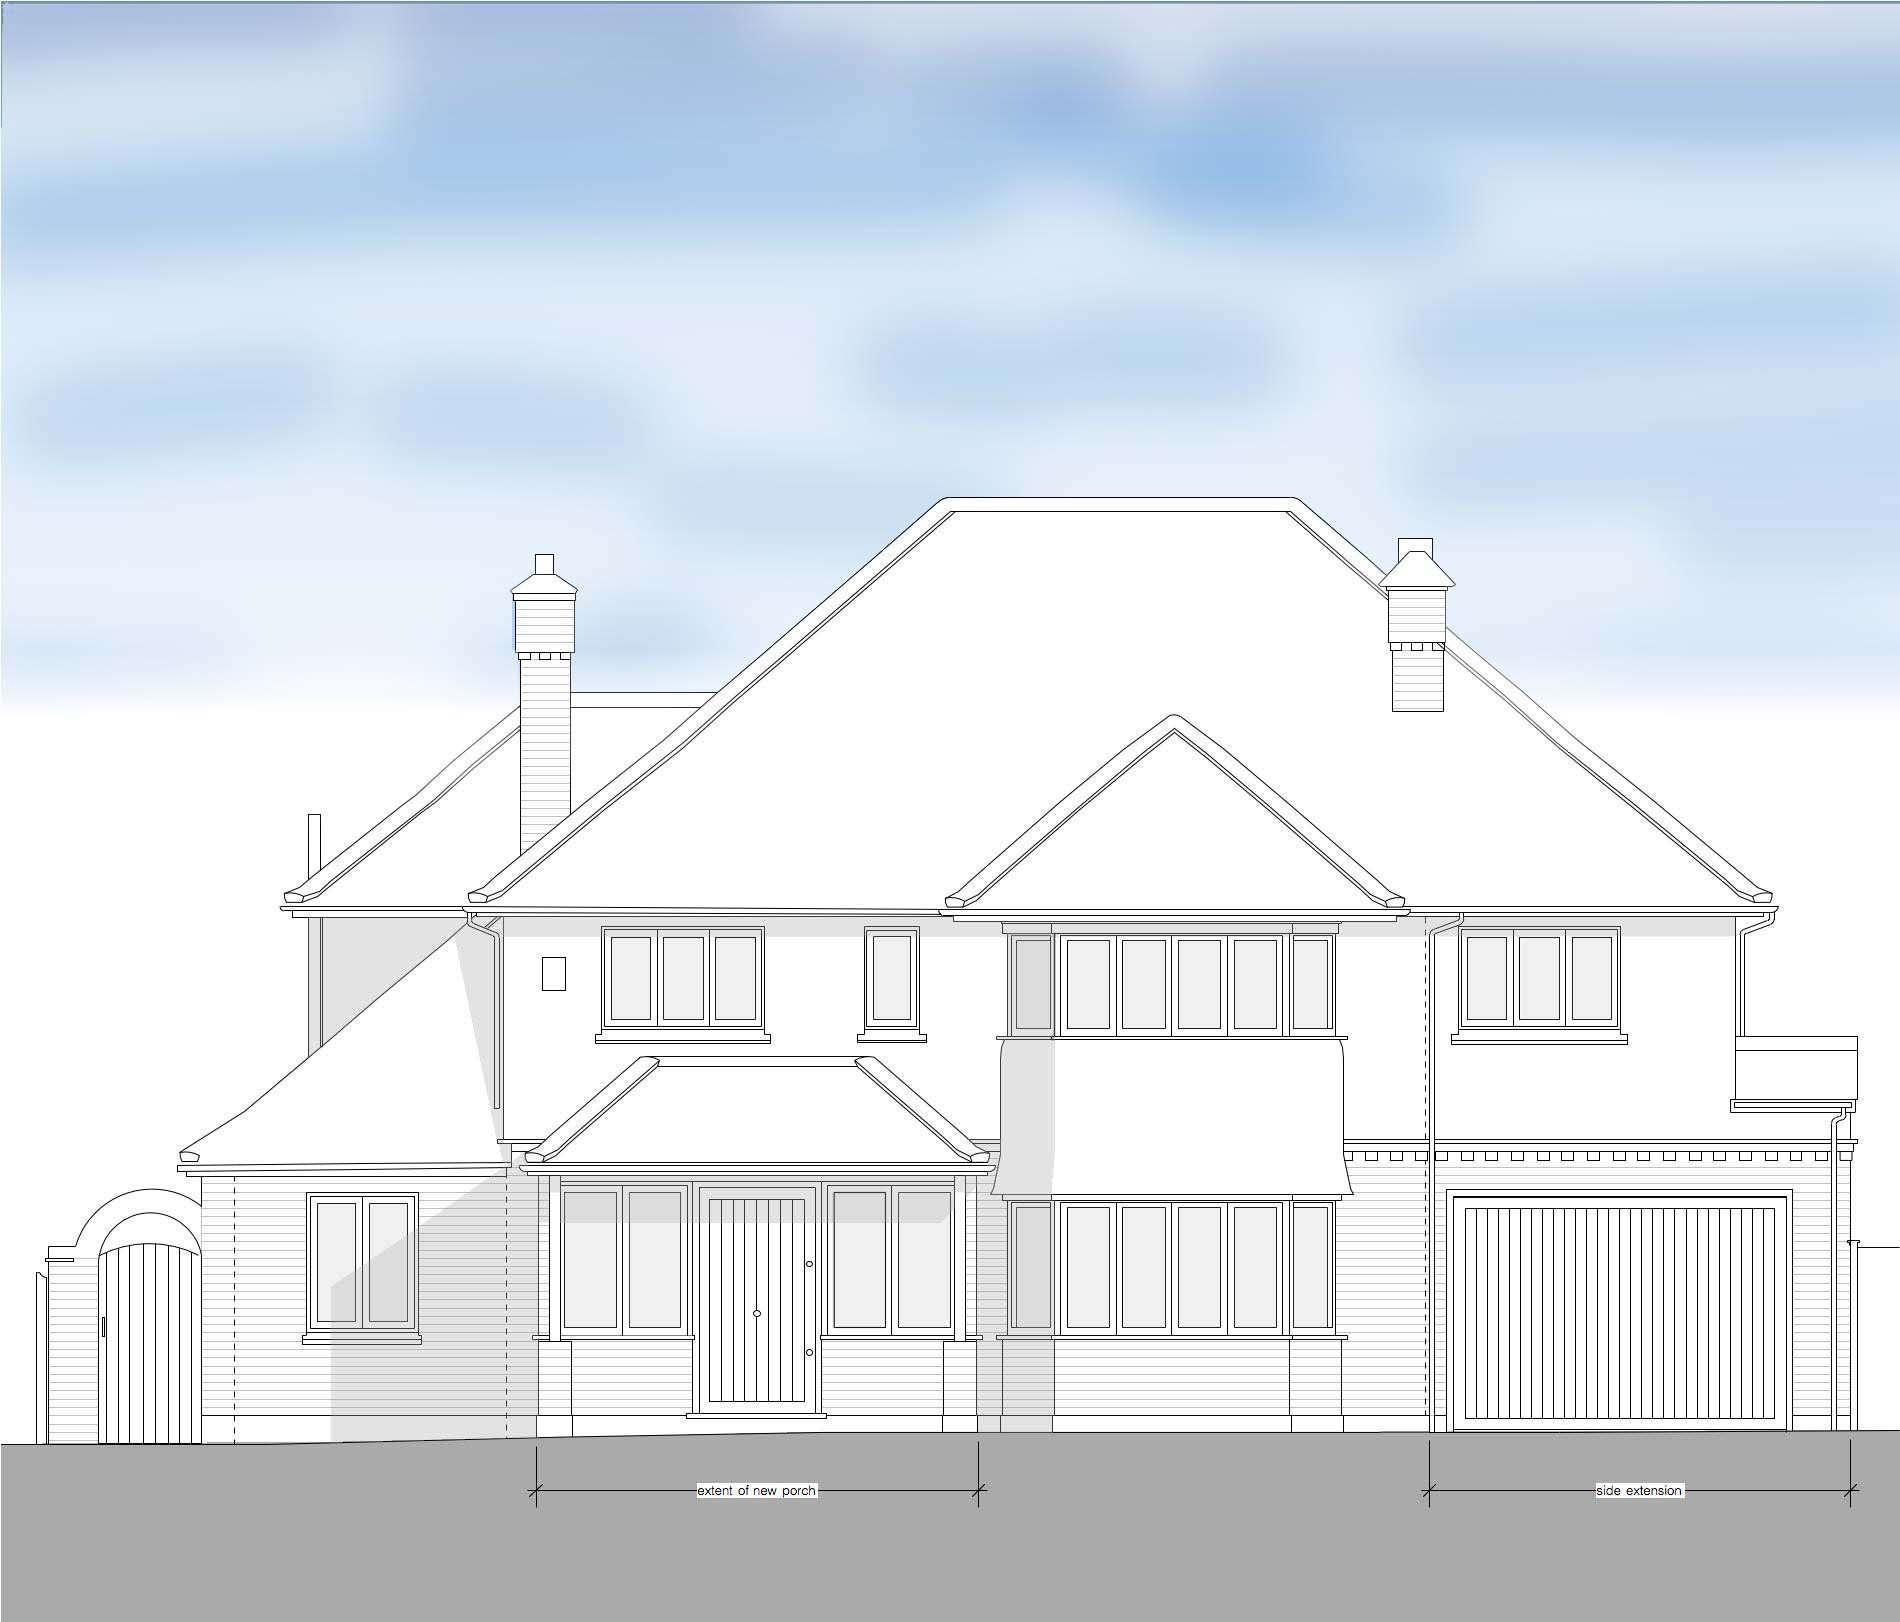 Sevenoaks_porch_double story_extension_front